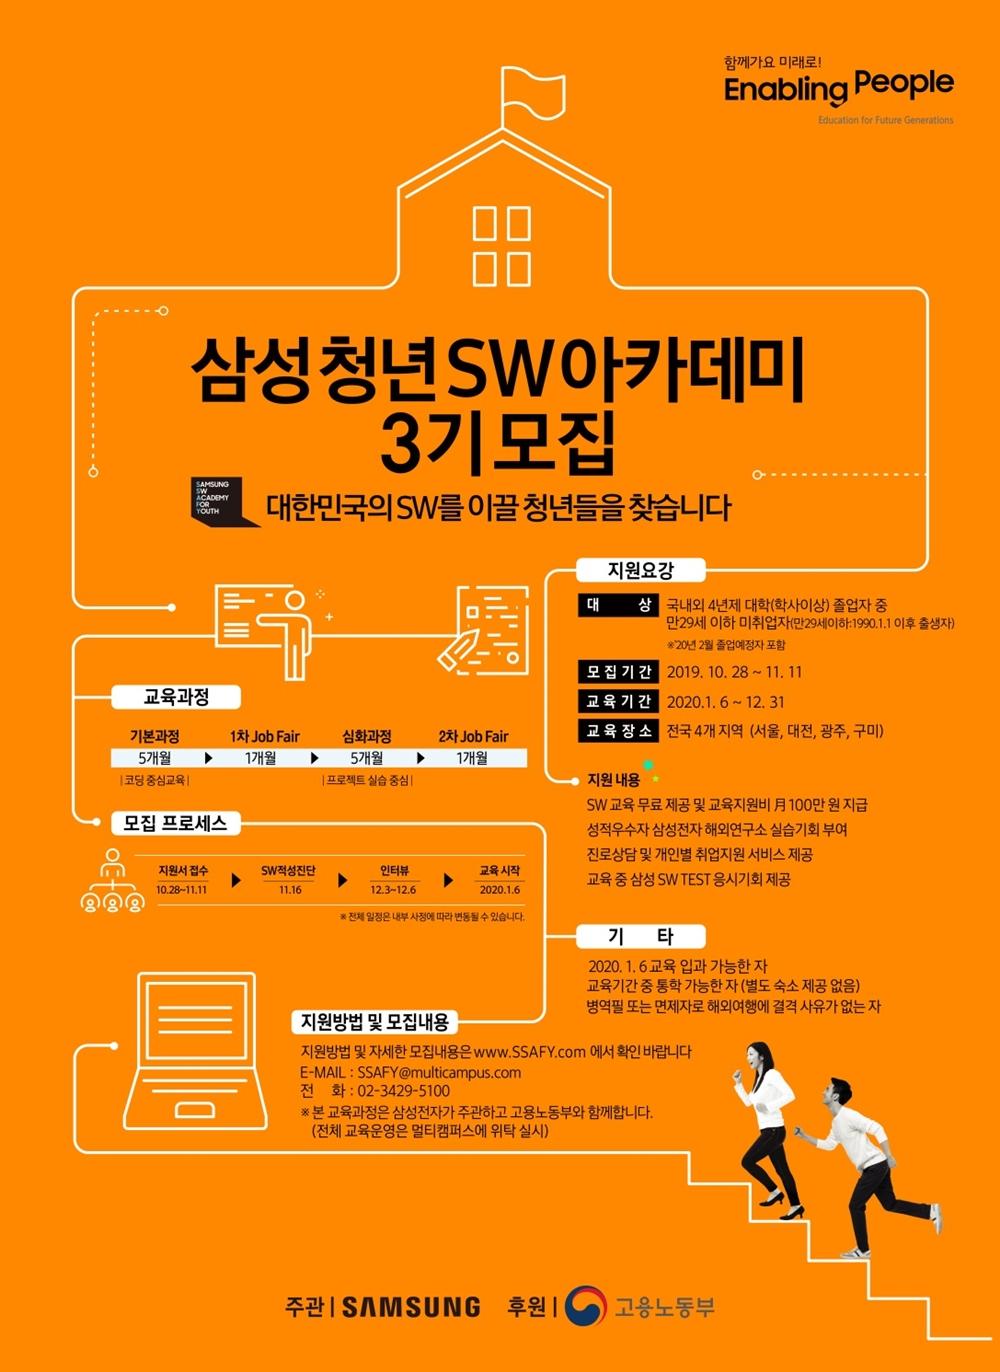 삼성청년SW아카데미 3기 모집 대한민국의 SW를 이끌 청년들을 찾습니다. 지원요강 대상 국내외 4년재 대학(학사 이상) 졸업자 중 만29세 이하 미취업자 모집기간 2019년 10월 28일부터 11월 11일까지 교육기간 2020년 1월 6일부터 12월 31일까지 교육장소 전국 4개지역 서울 대전 광주 구미 지원내용 SW 교육 무료 제공 및 교육비지원용 100만원 지급 성적ㅇ우수자 삼성전자 해외연구소 실습 기회 부여 진로상담 및 개인별 취업지원 서비스 제공 교육 중 삼성 SW test 응시 기회 제공 기타 2020년 1월 6일 교육 입과 가능한자 교육 기간 중 통학 가능한 자 (별도 숙소 제공 없음) 병역필 또는 면제자로 해외여행에 결격 사유가 없는자 교육과정 5개월 기본과정 1개월 1차 잡 페어 5개월 심화과정 1개월 2차 잡 페어 모집 지원방법 및 모집 내용 지원방법 및 자세한 모집 내용은 www.ssafy.com에서 확인 바랍니다. E-mail: SSAFY@multicampus.com 전화 02 3429 5100 본 교육과정은 삼성전자가 주관하고 고용노동부와 함께 합니다. (전체 교육운영은 멀티캠퍼스에 위탁 실시) 주관 SAMSUNG 후원 고용노동부 함께가요 미래로 enabling people education for future generations